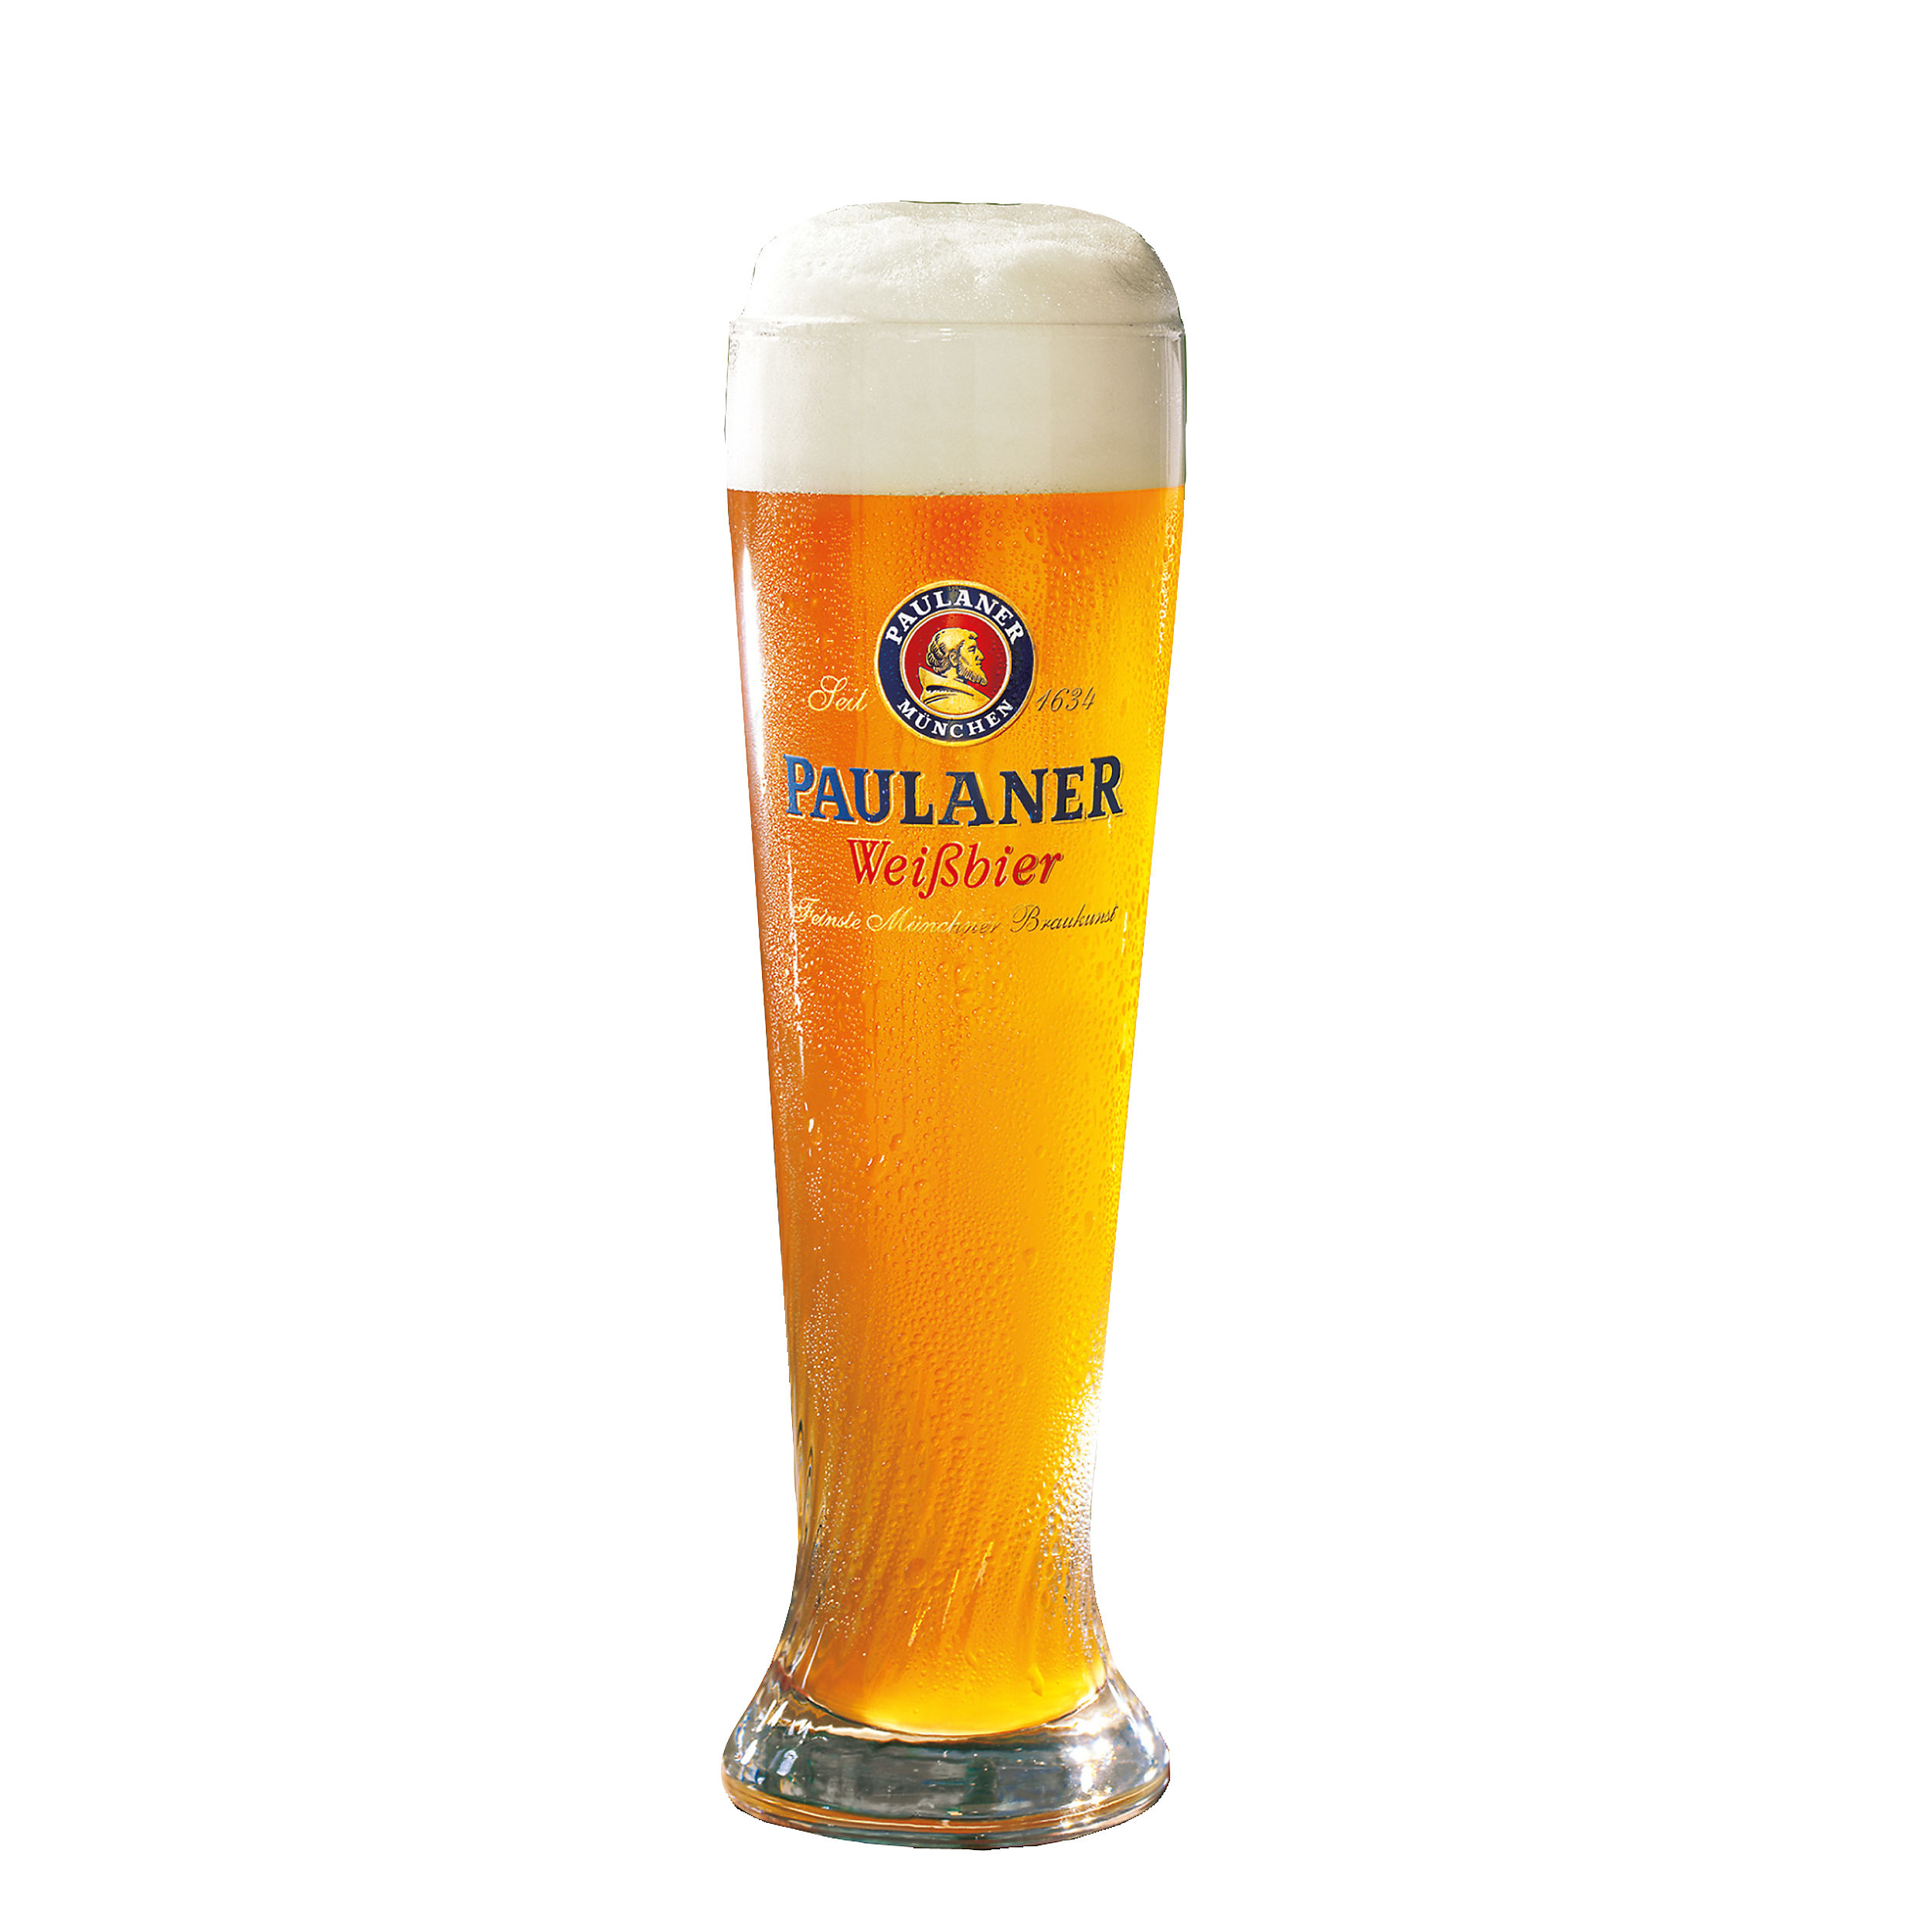 Das Bier Paulaner Hefe-Weißbier Dunkel wird hier als Produktbild gezeigt.